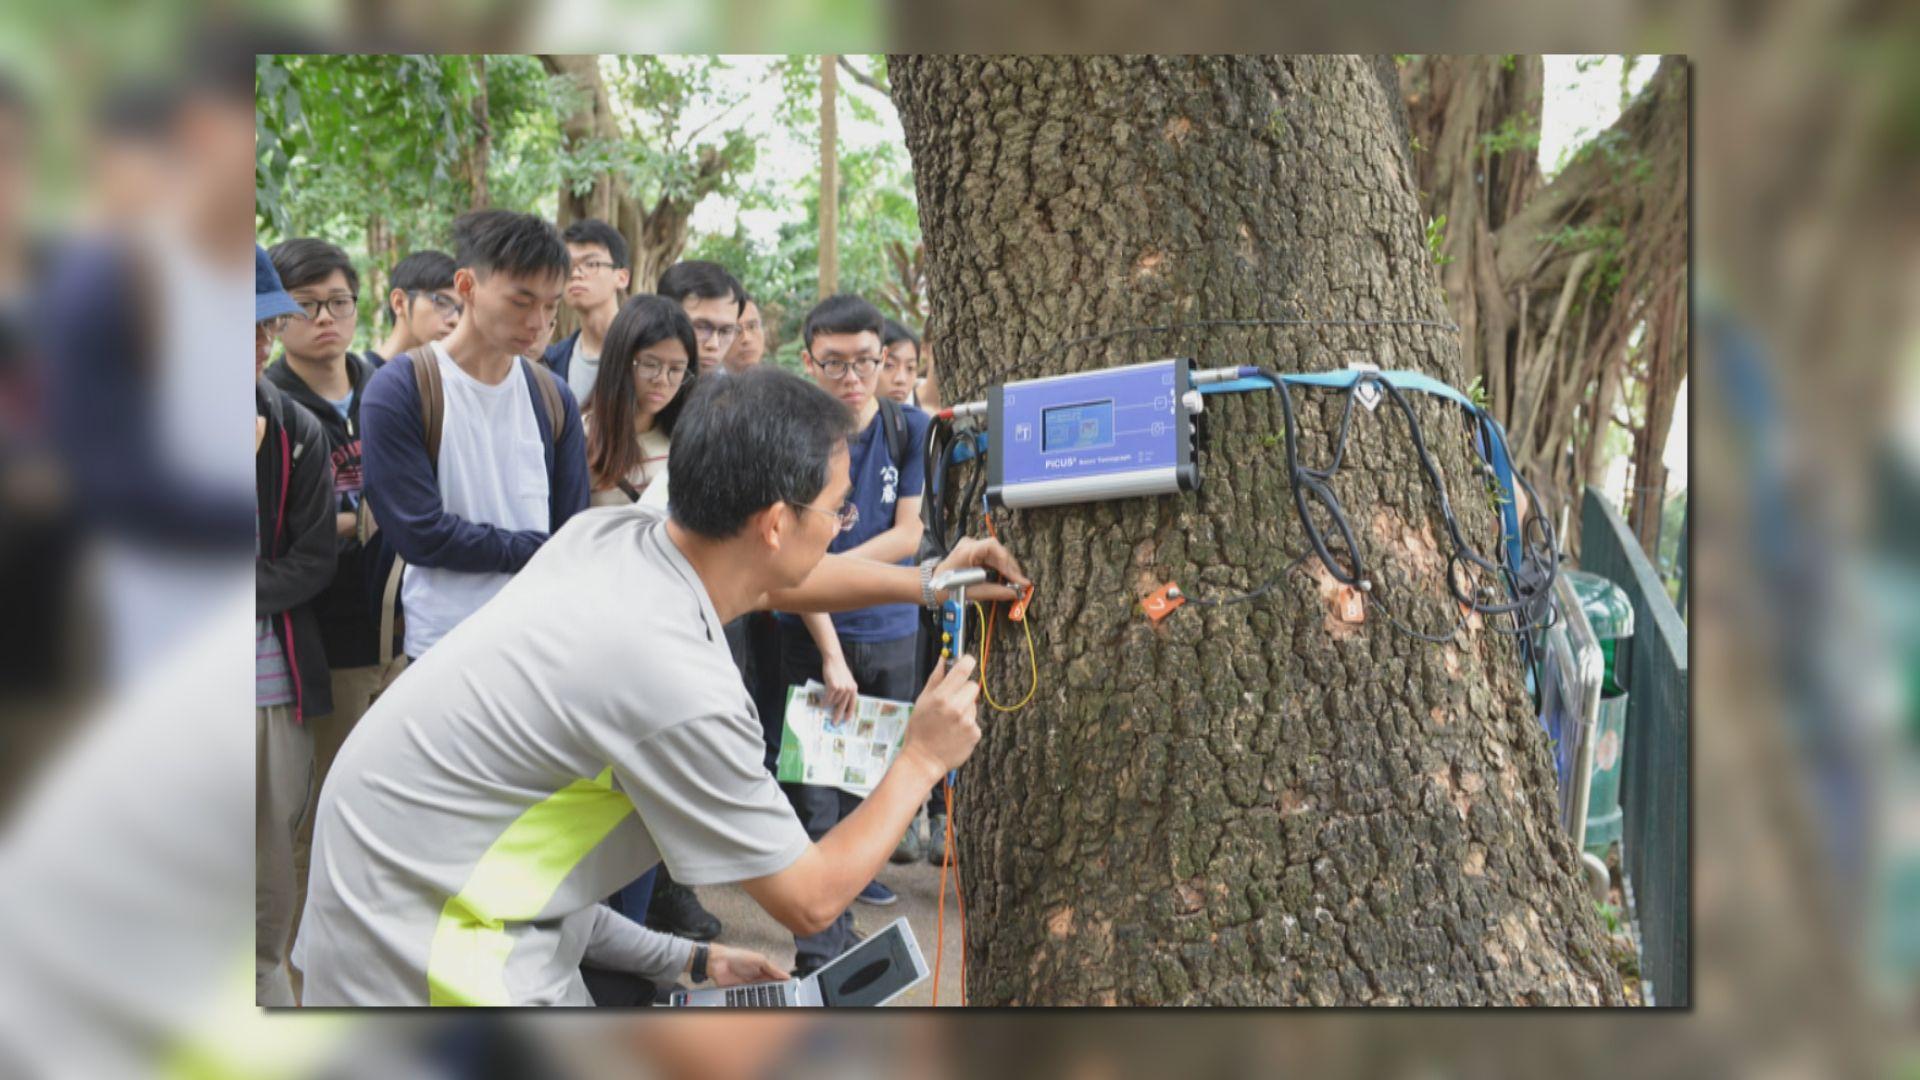 陳茂波:設基金培訓樹藝及園藝業人員